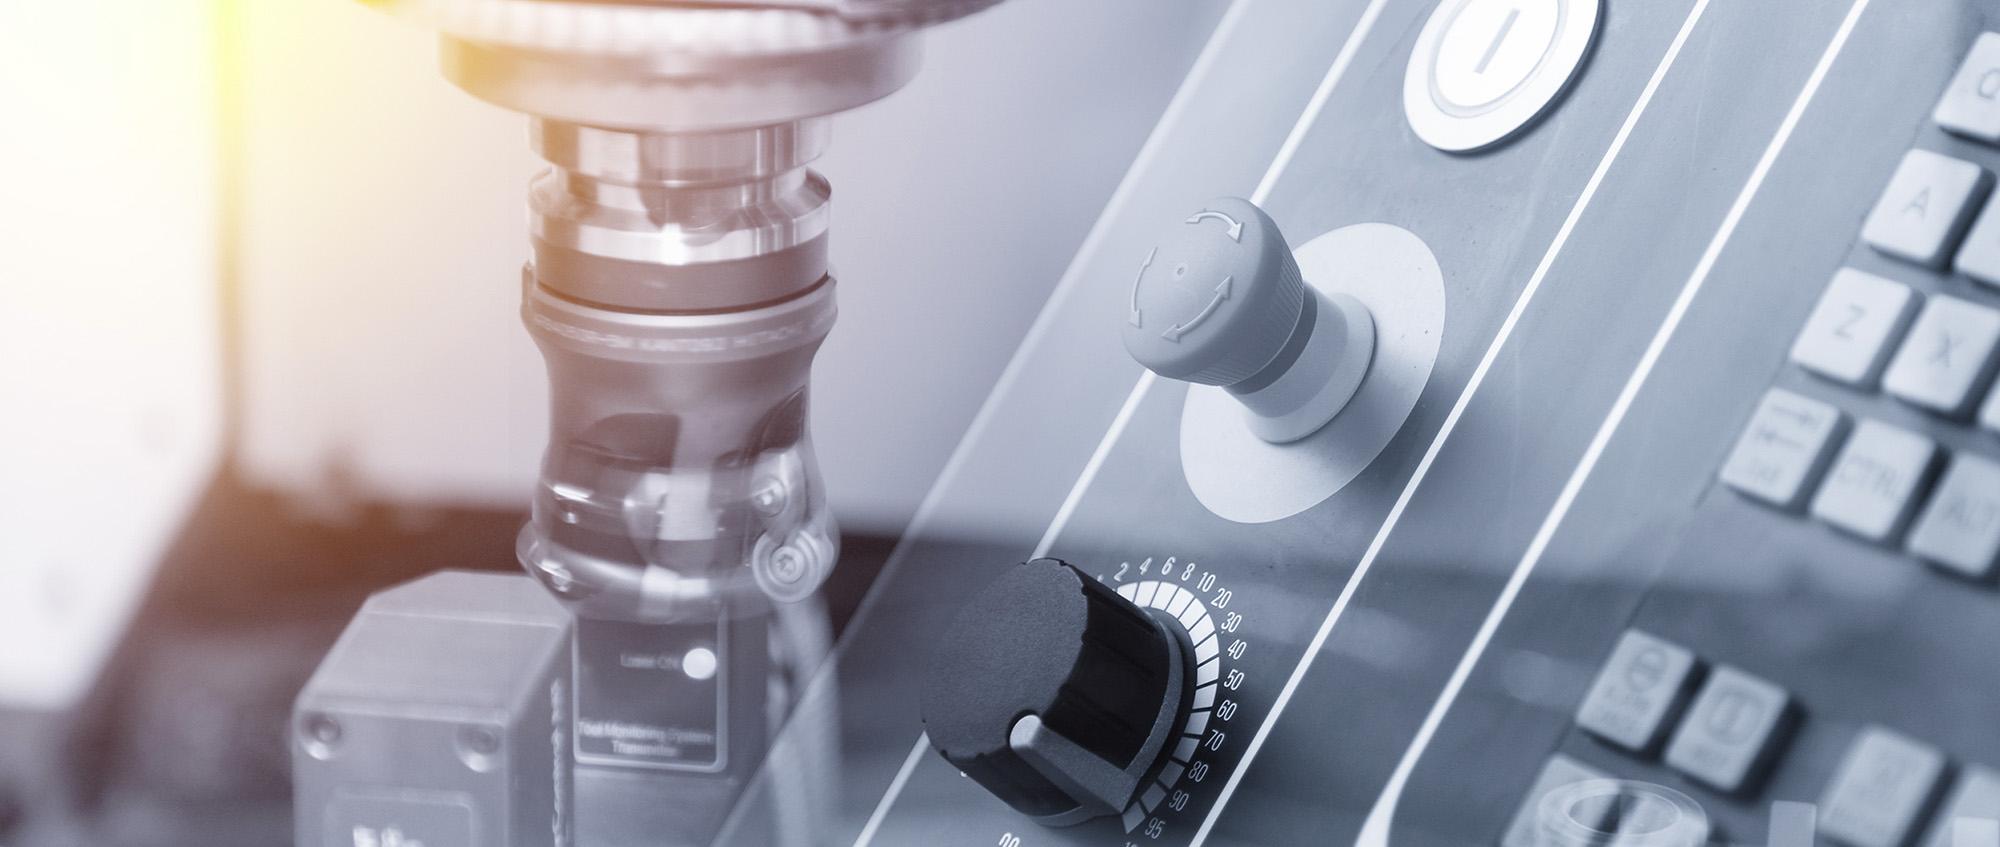 Higt Tech Produktion bei bock machining